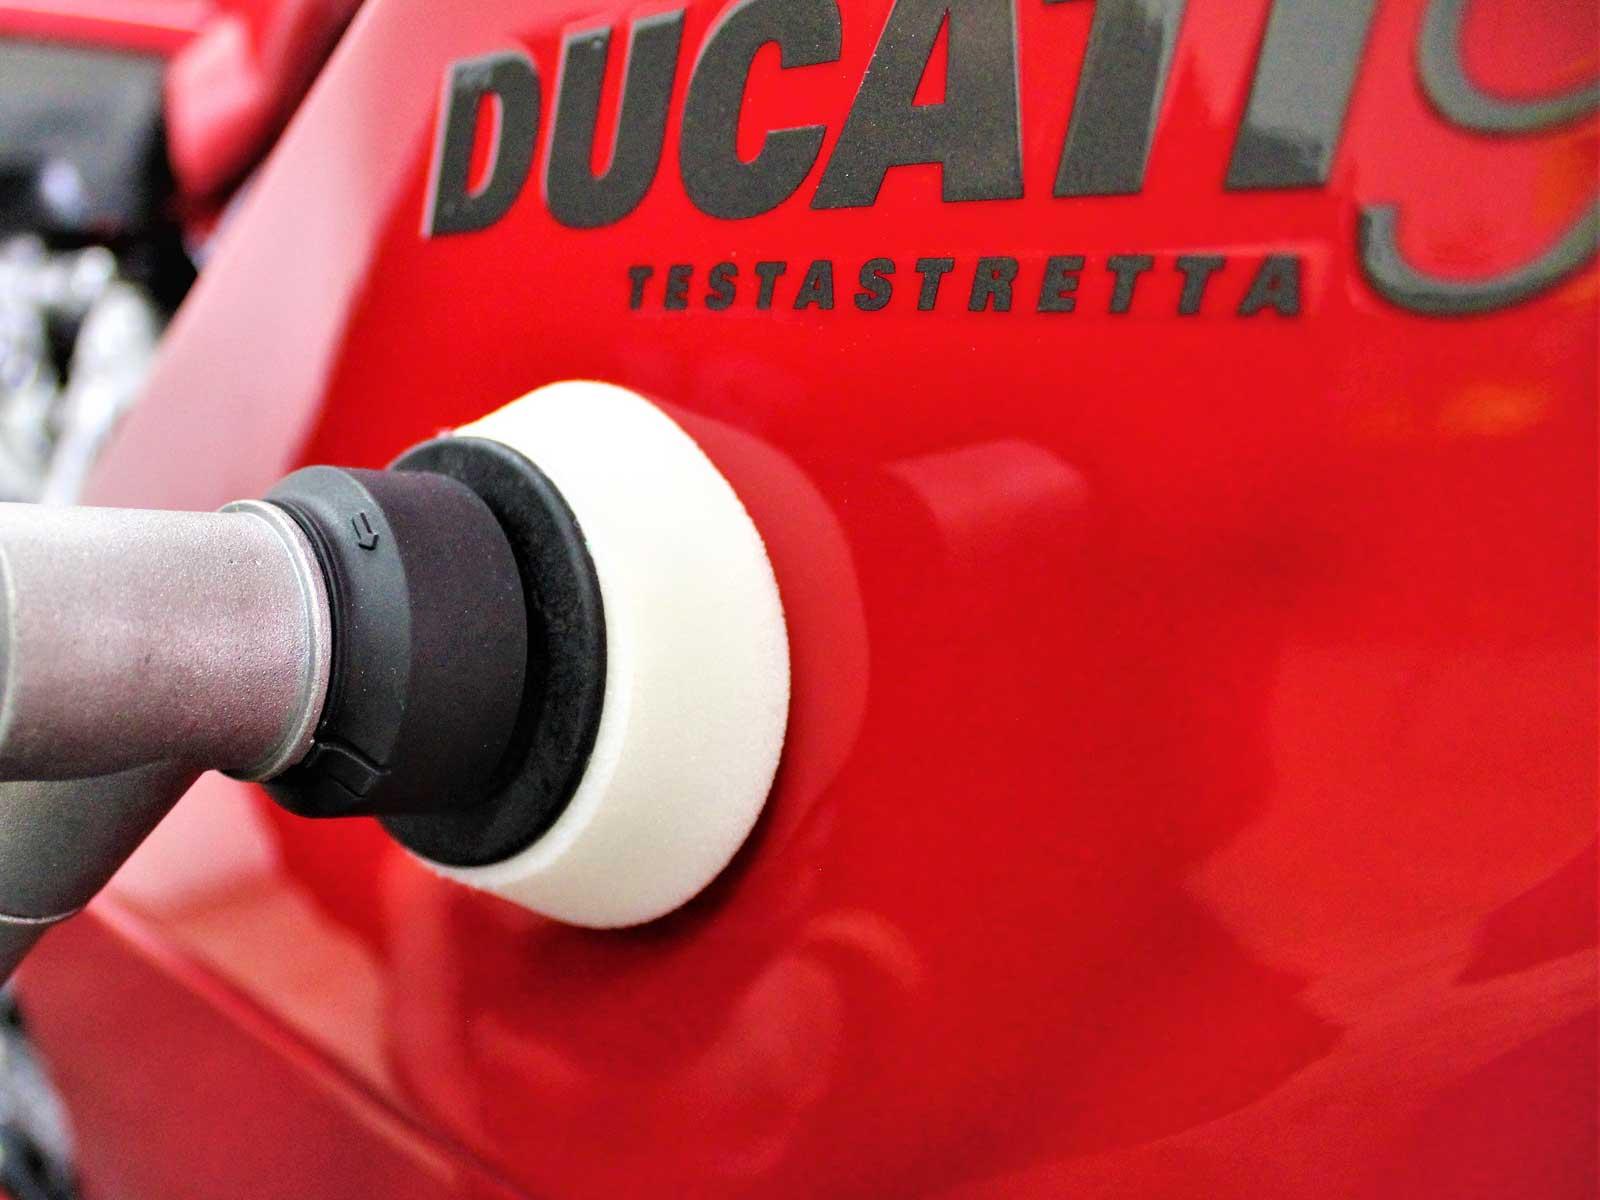 Ducatti